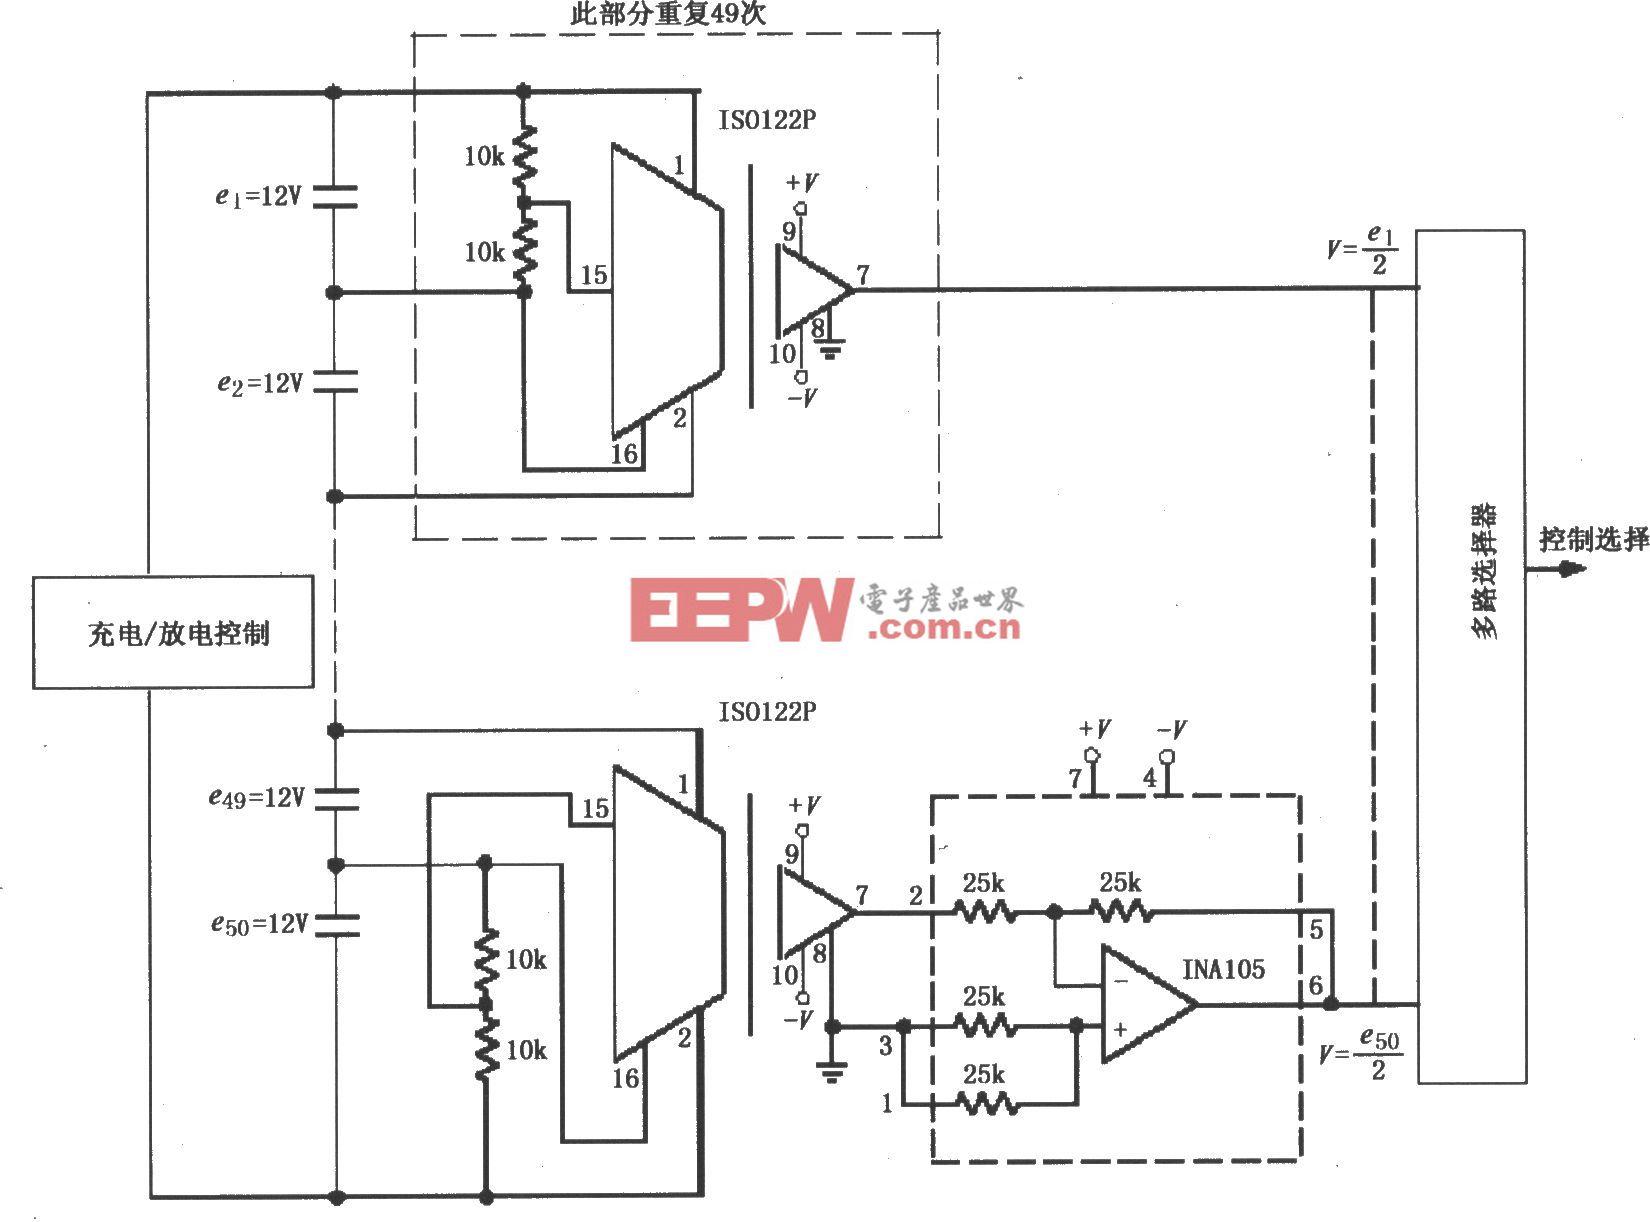 电池系统的电池监控电路(ISO122P/124、INA105)